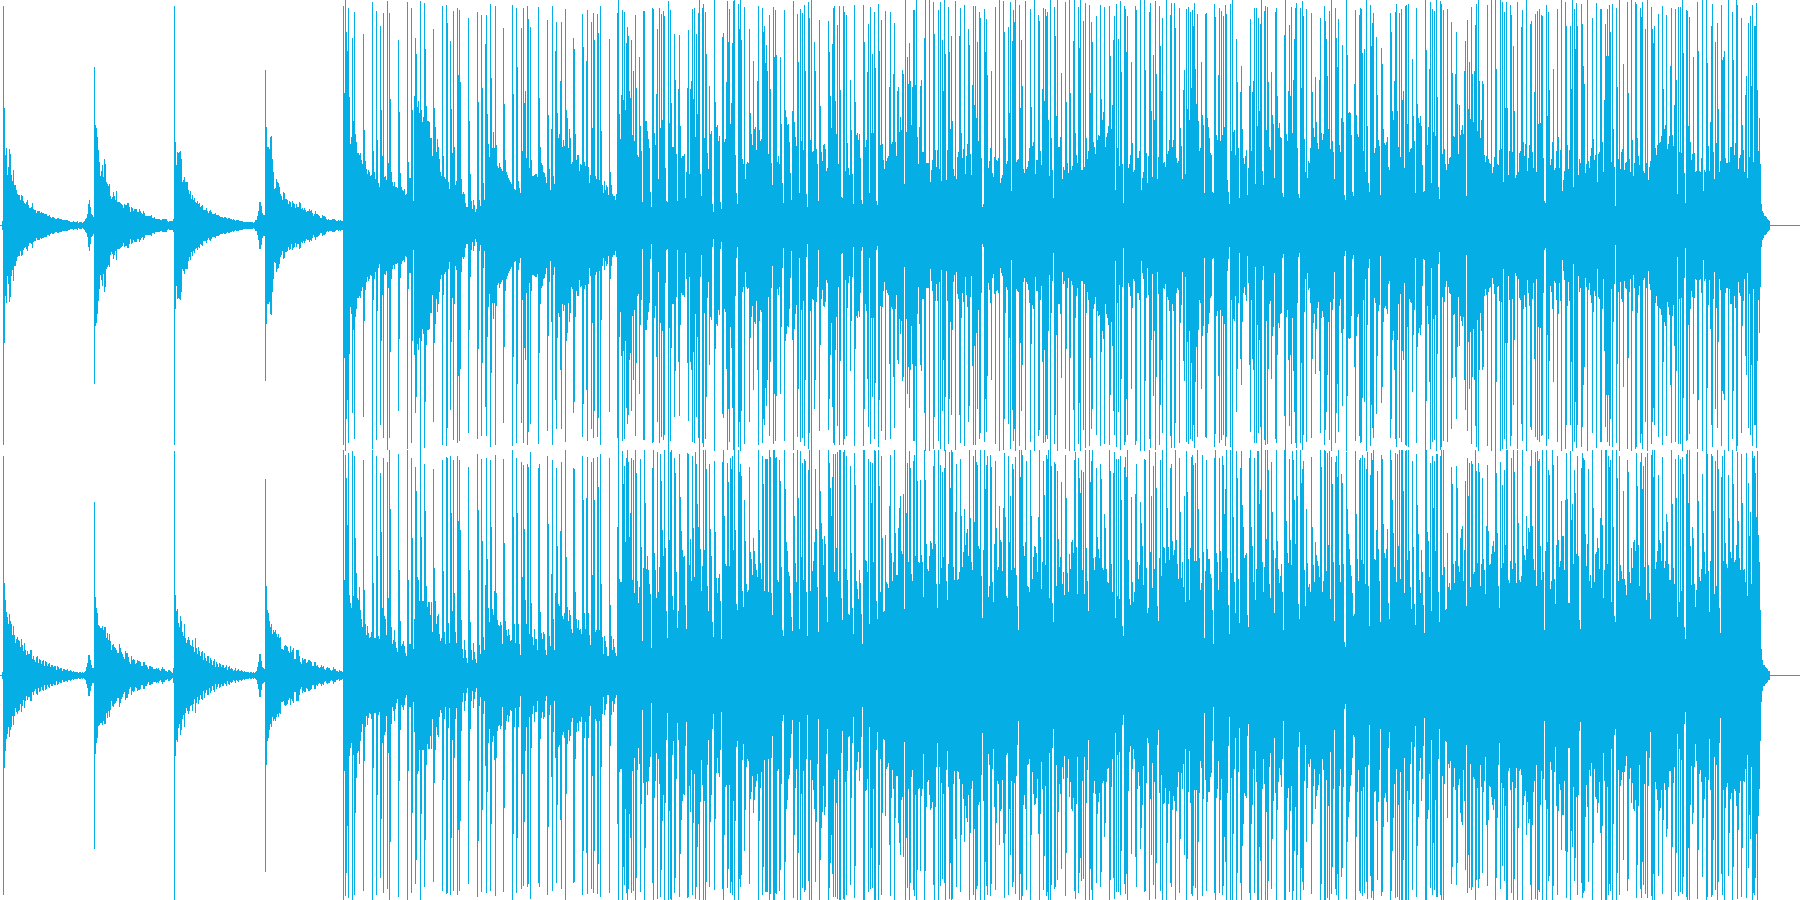 アコーステックギターのRock調なBGMの再生済みの波形